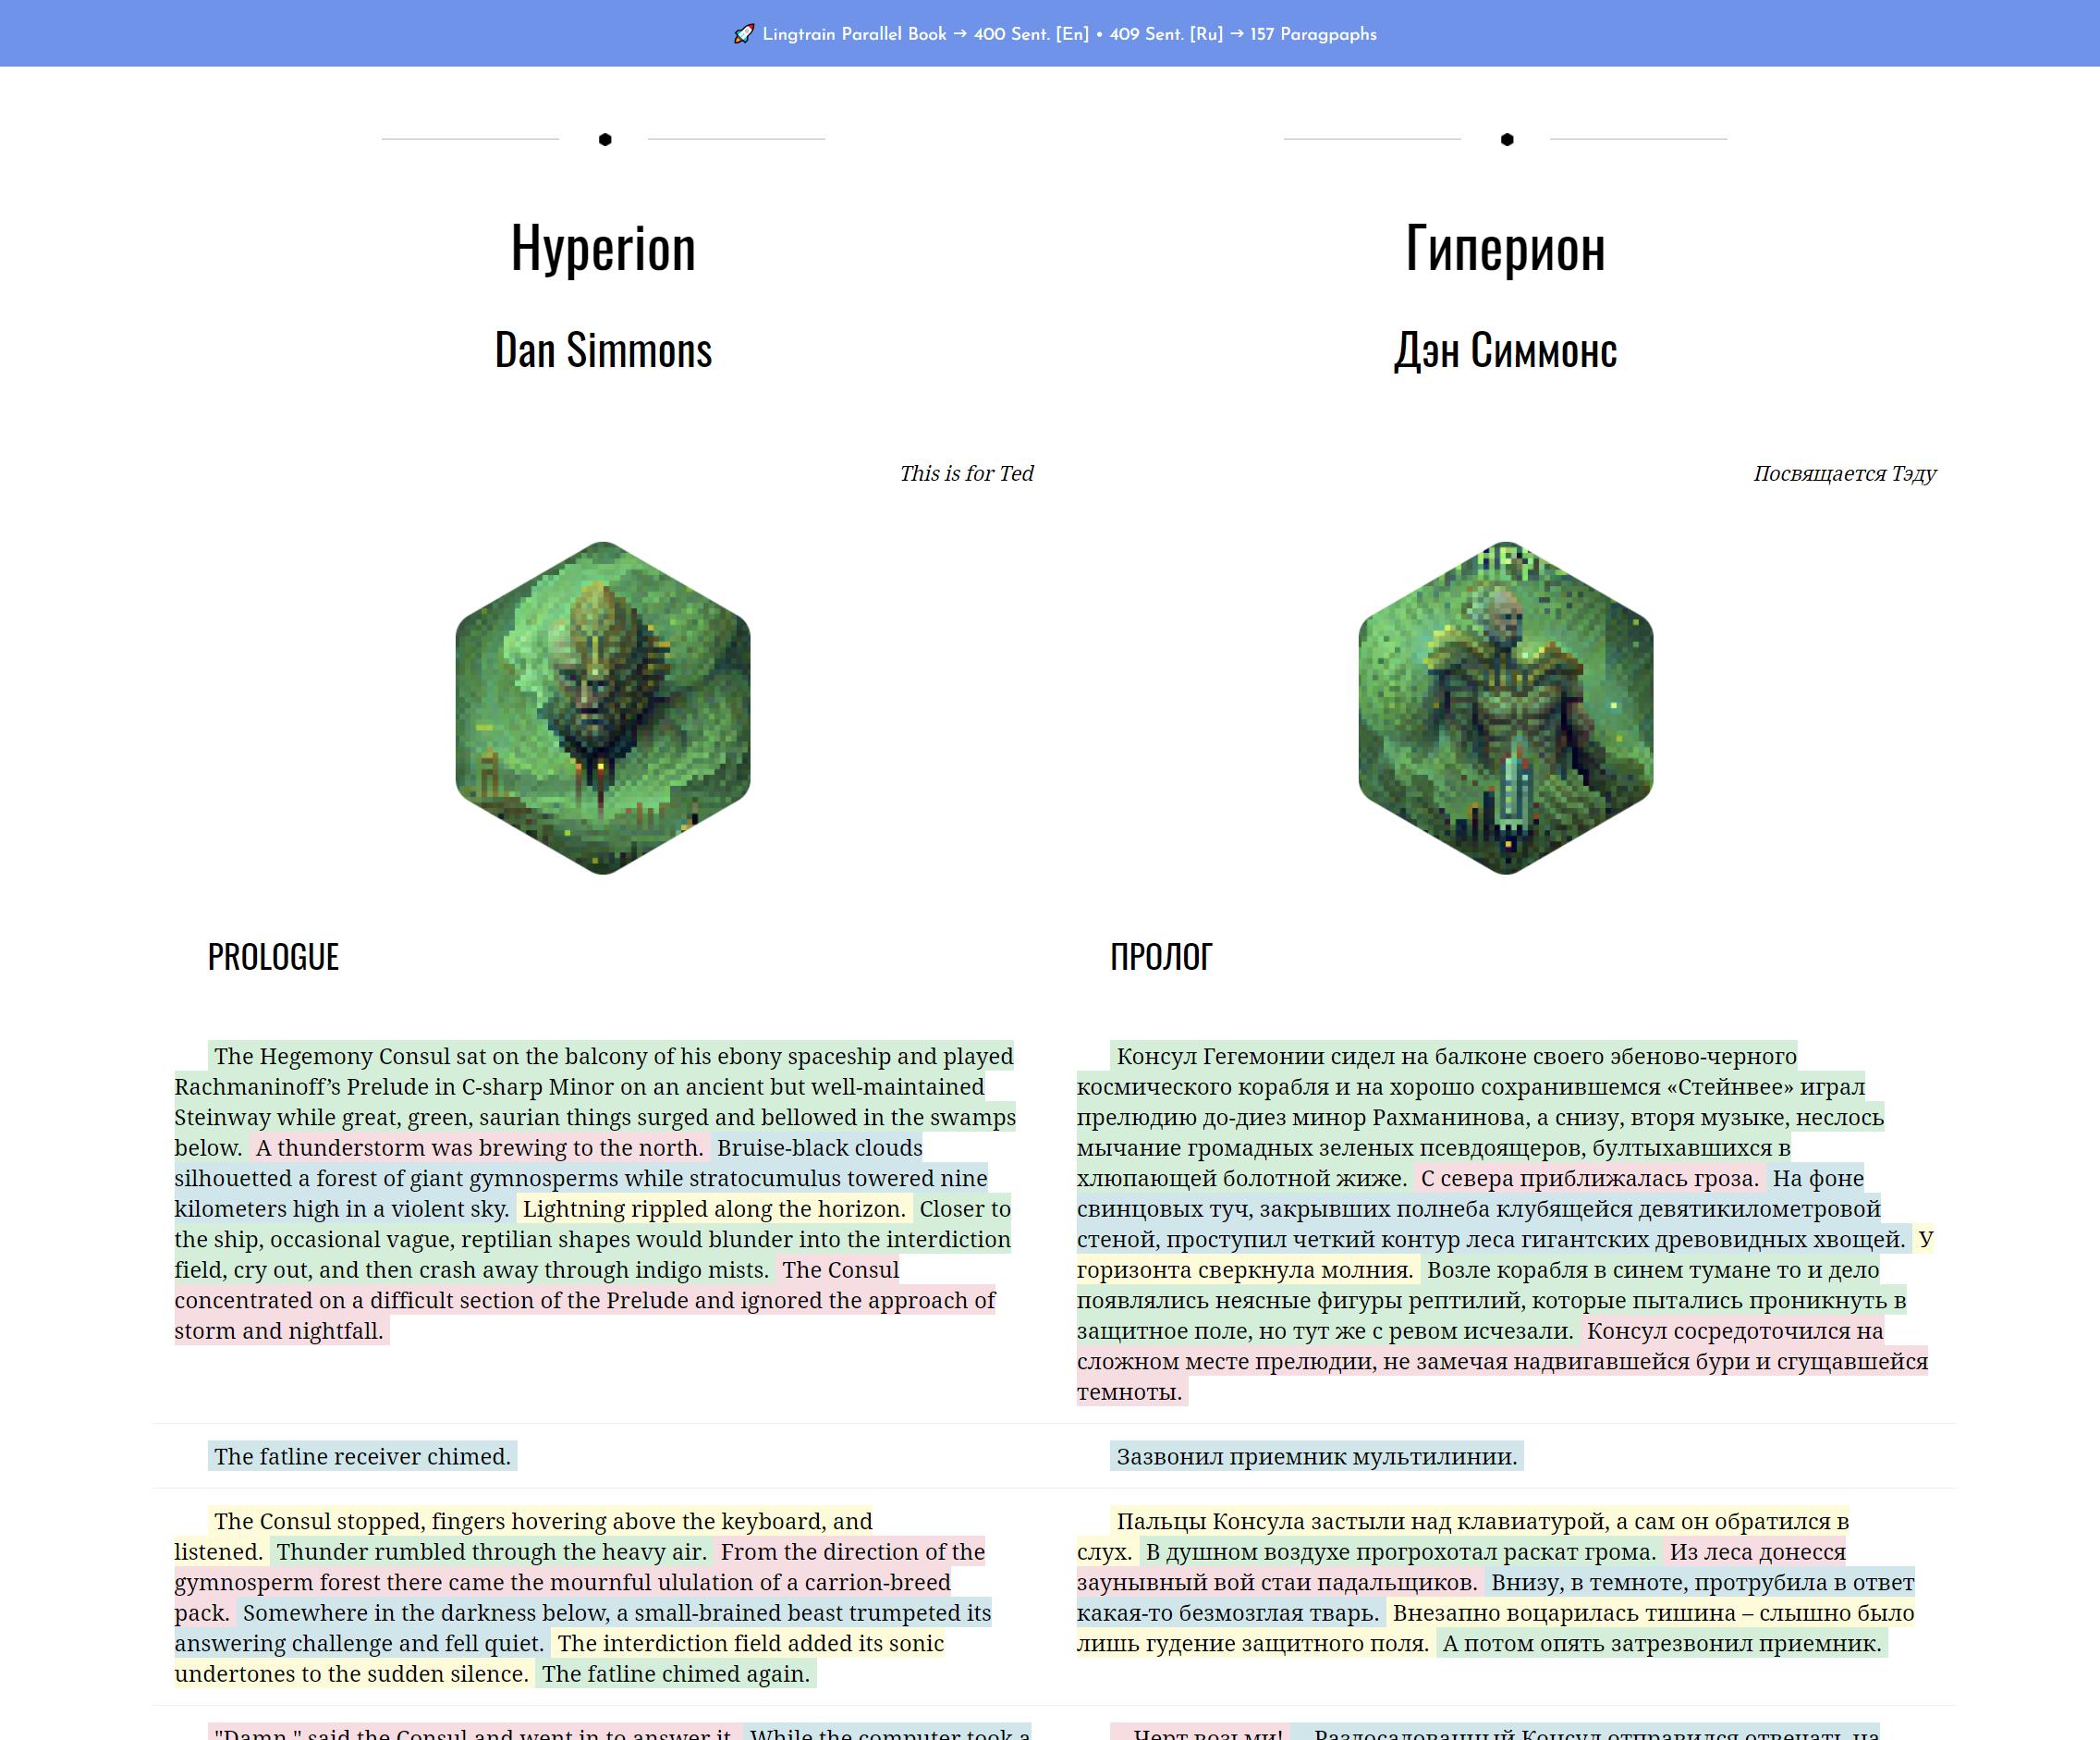 Сделай себе книгу для изучения языка с нейросетевыми иллюстрациями - 32